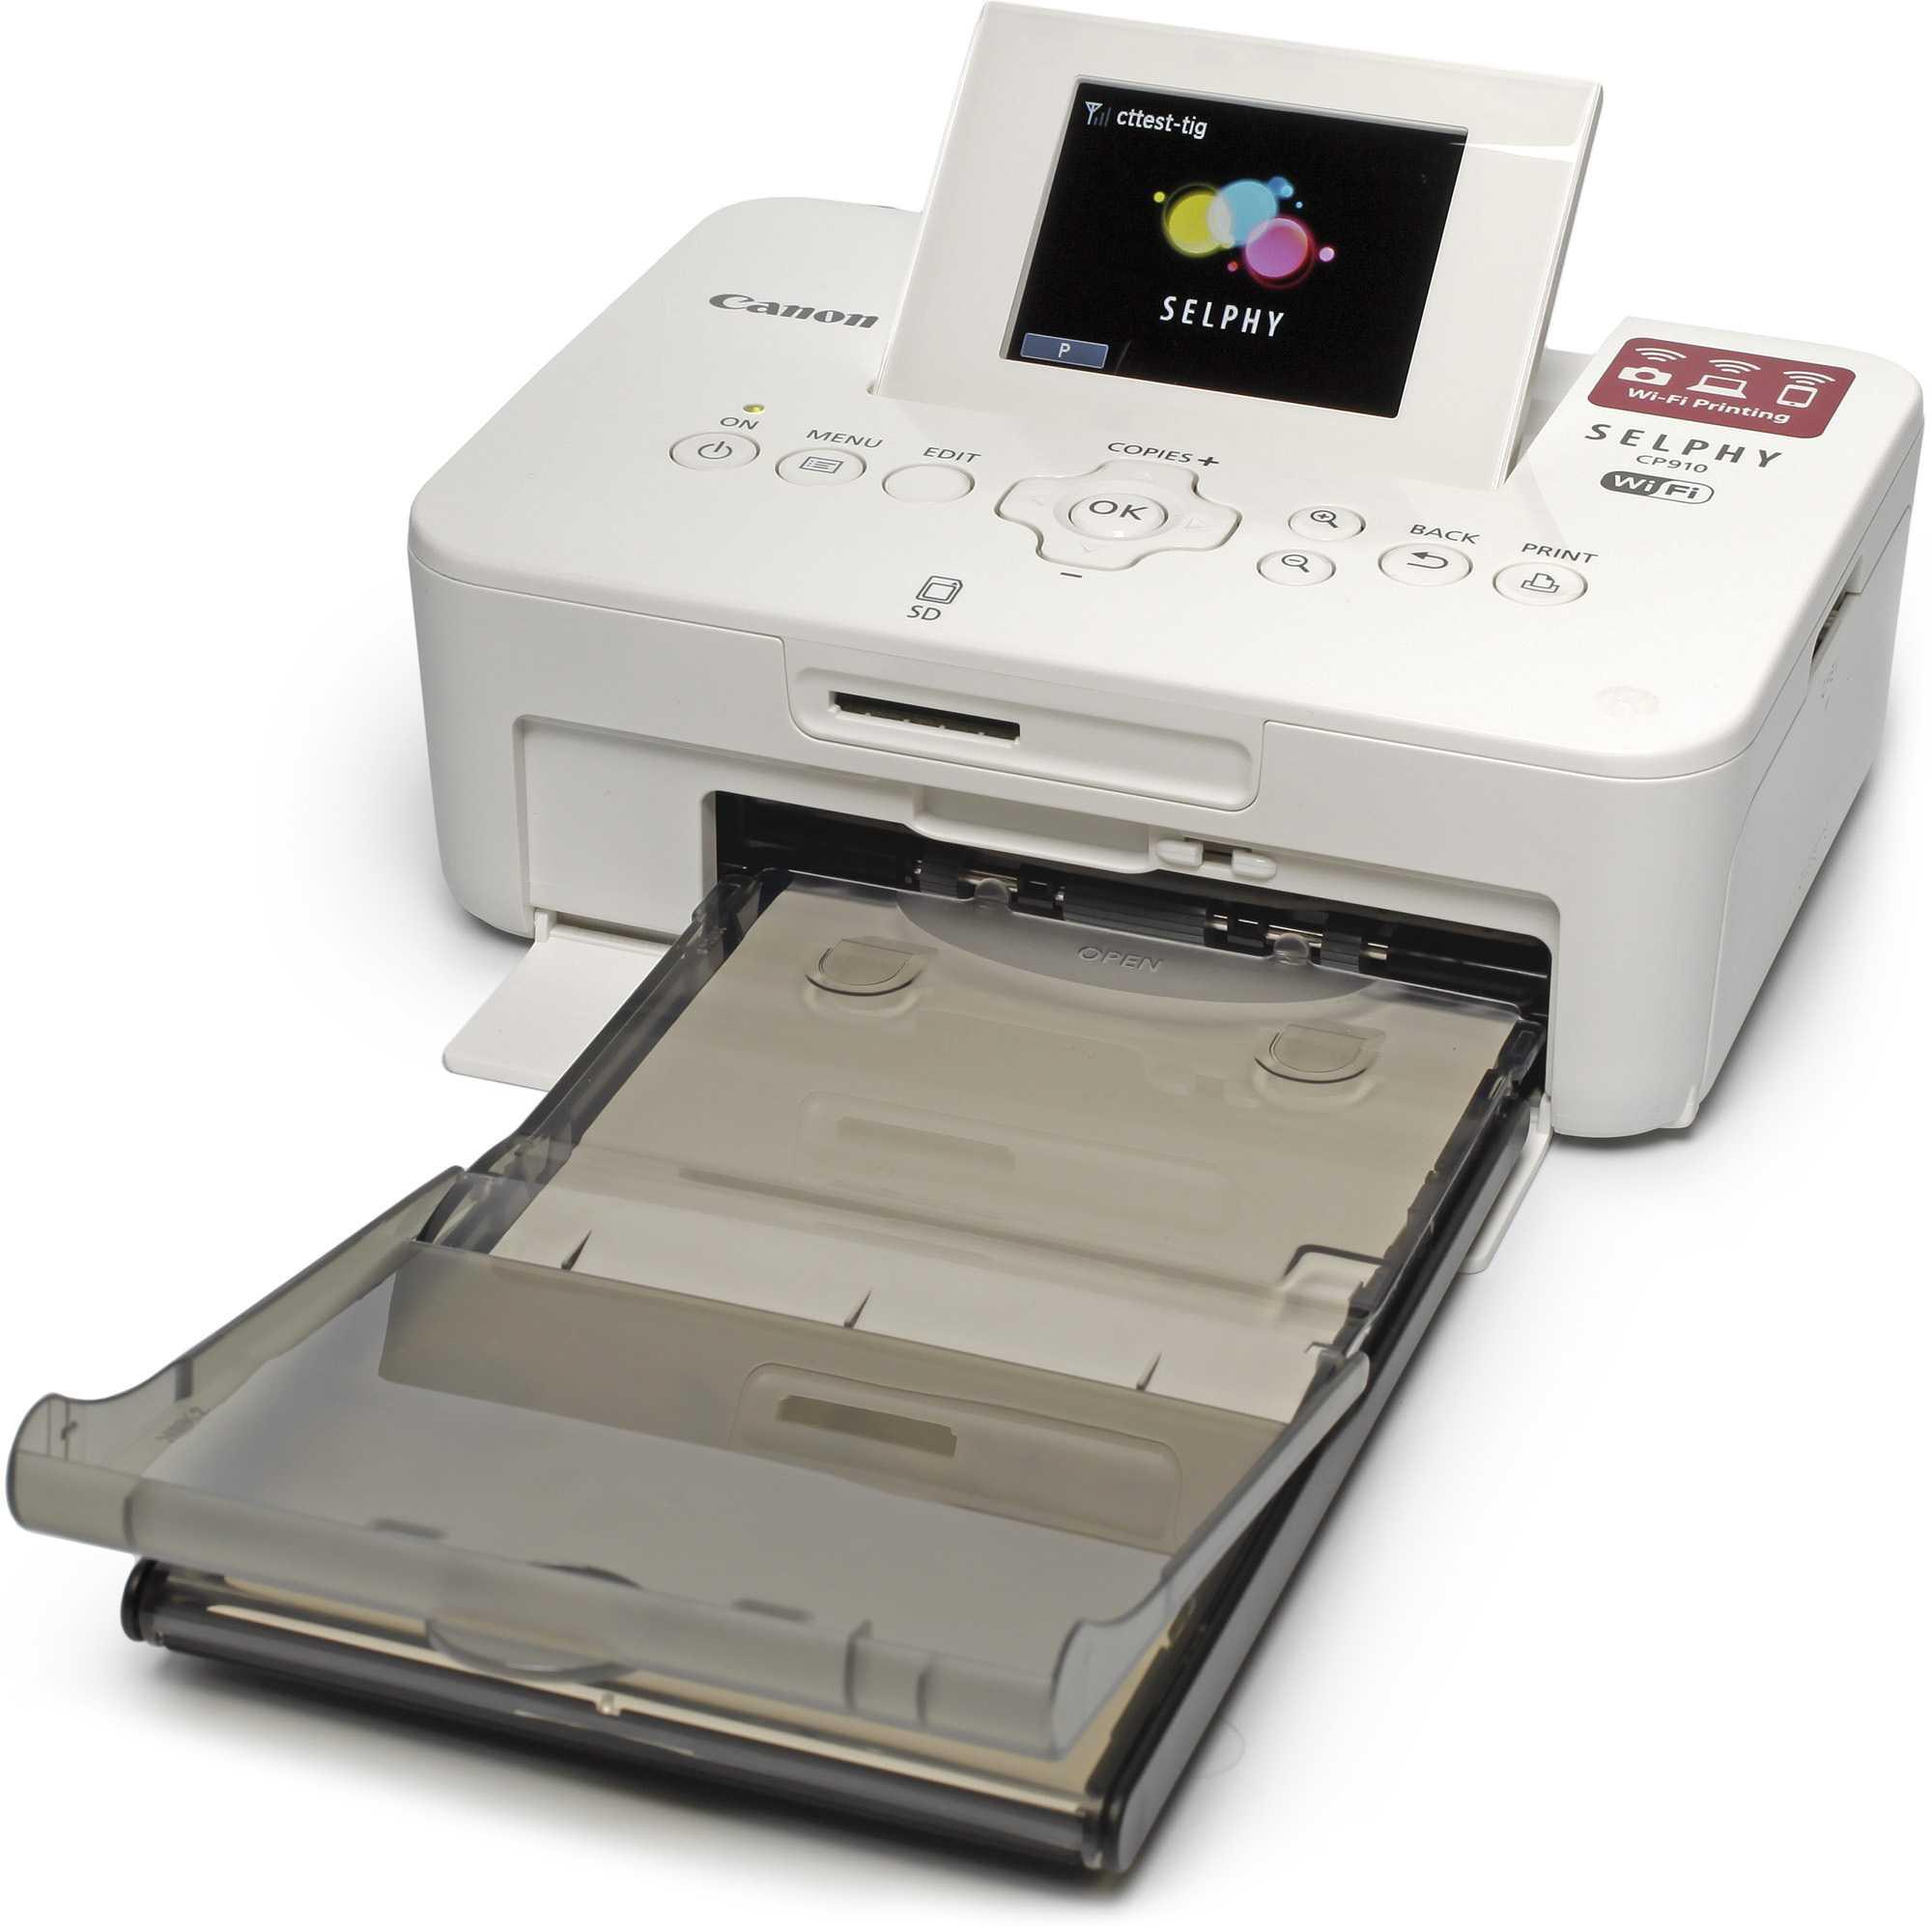 Der Canon Selphy CP910 druckt 10x15-Fotos mit dem Thermotransferverfahren. Transferfolie und Fotopapier verkauft der Hersteller nur im Kombipack.